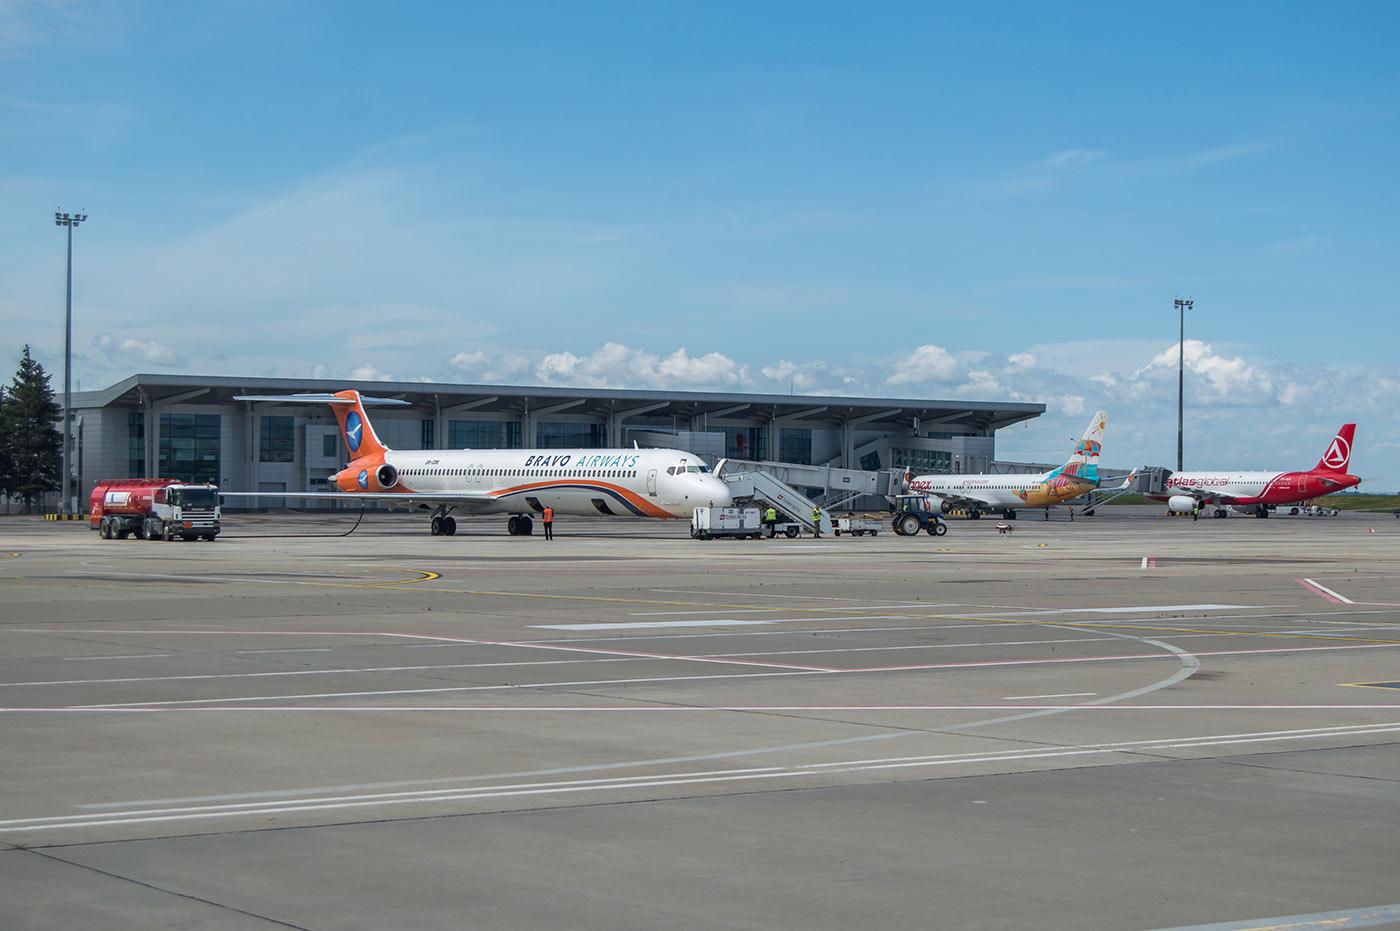 Октябрь - новый рекорд пассажиропотока аэропорта Харьков!